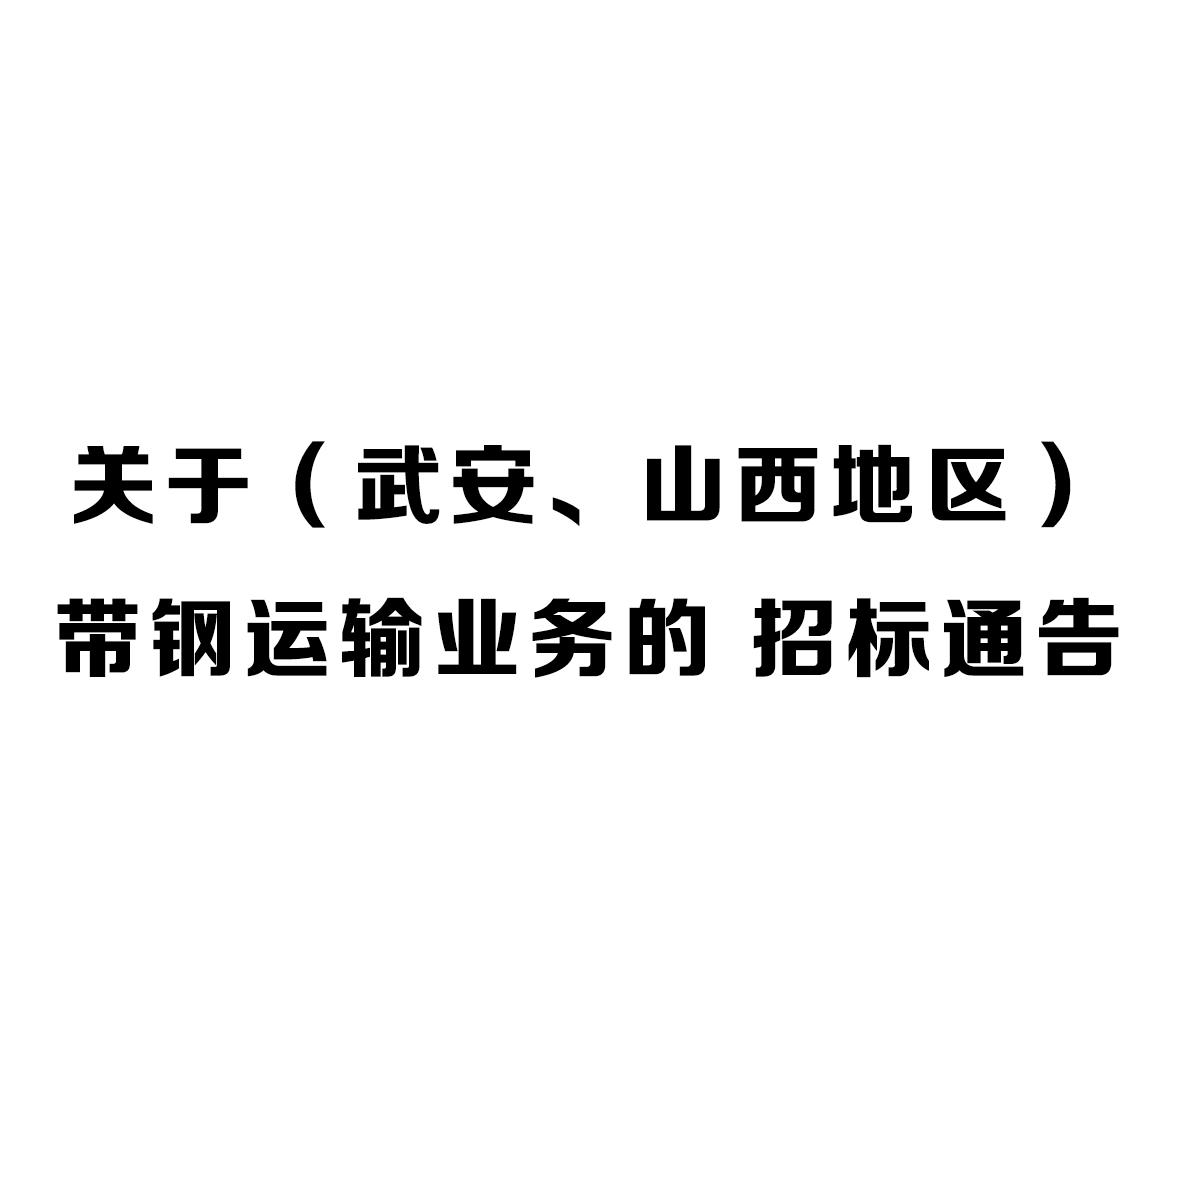 亚搏体育app网站制管关于(武安、山西地区)带钢运输业务的 招标通告